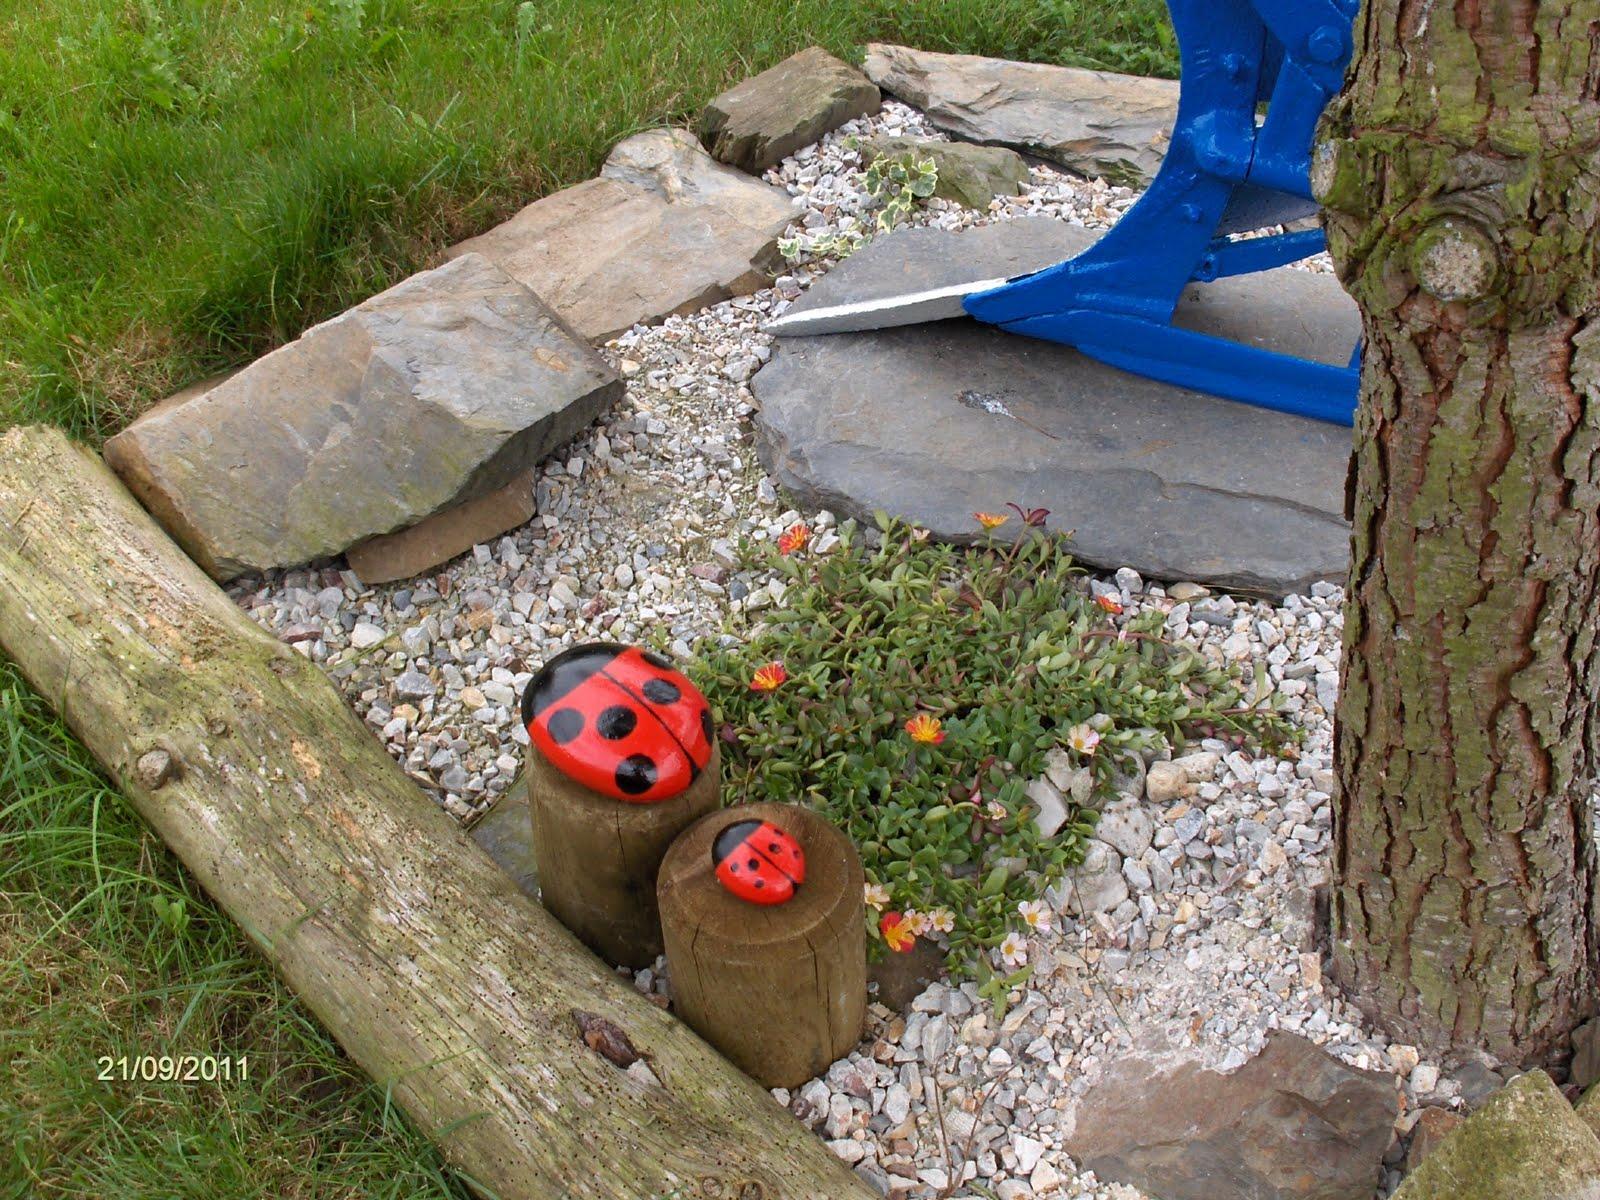 Aprendiz pintar piedras para decorar jard n unas mariquitas